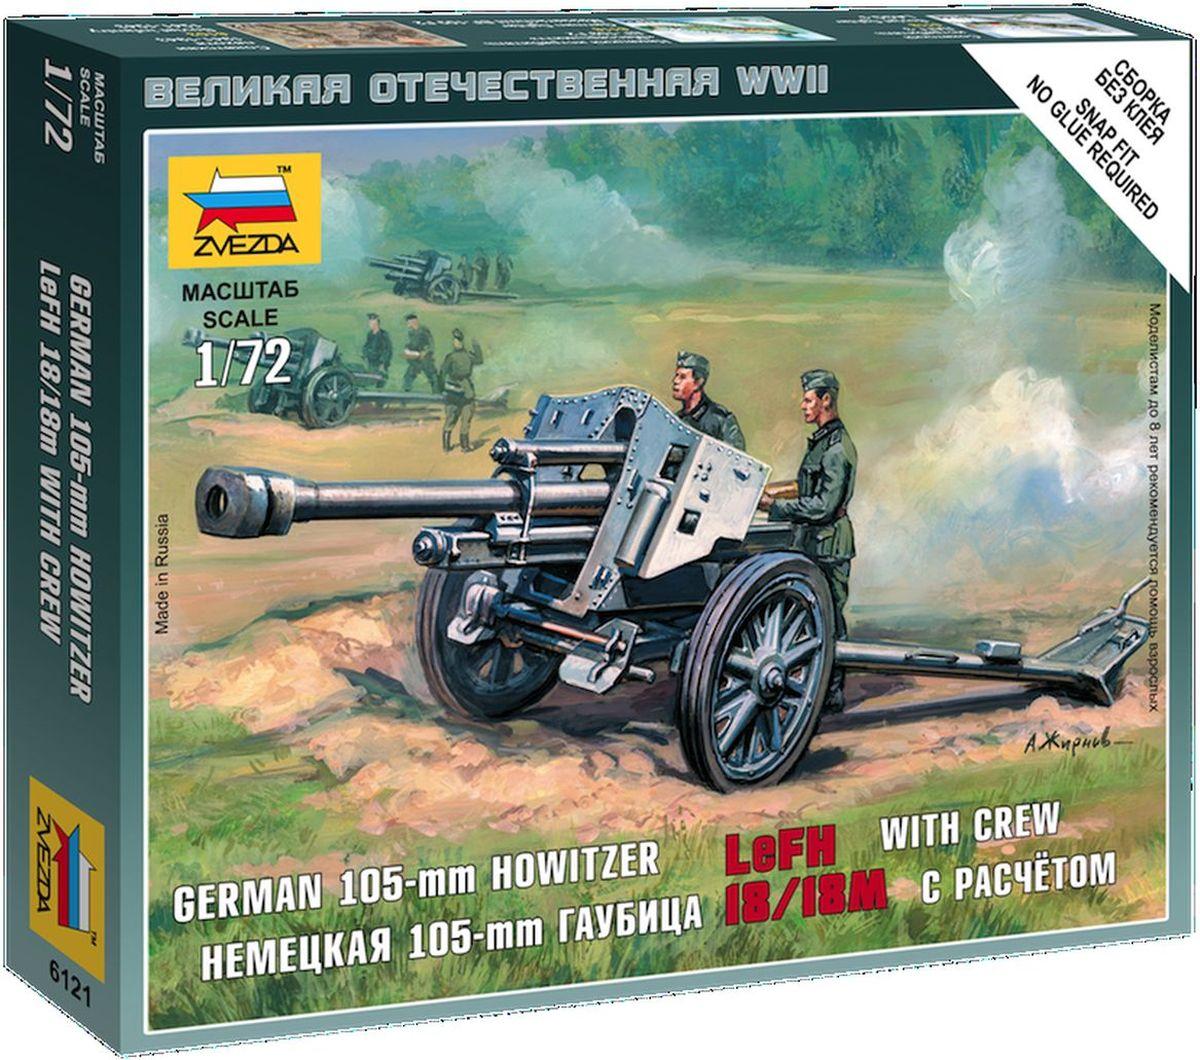 Звезда Сборная модель Немецкая 105-мм гаубица LeFH 18/18M с расчетом